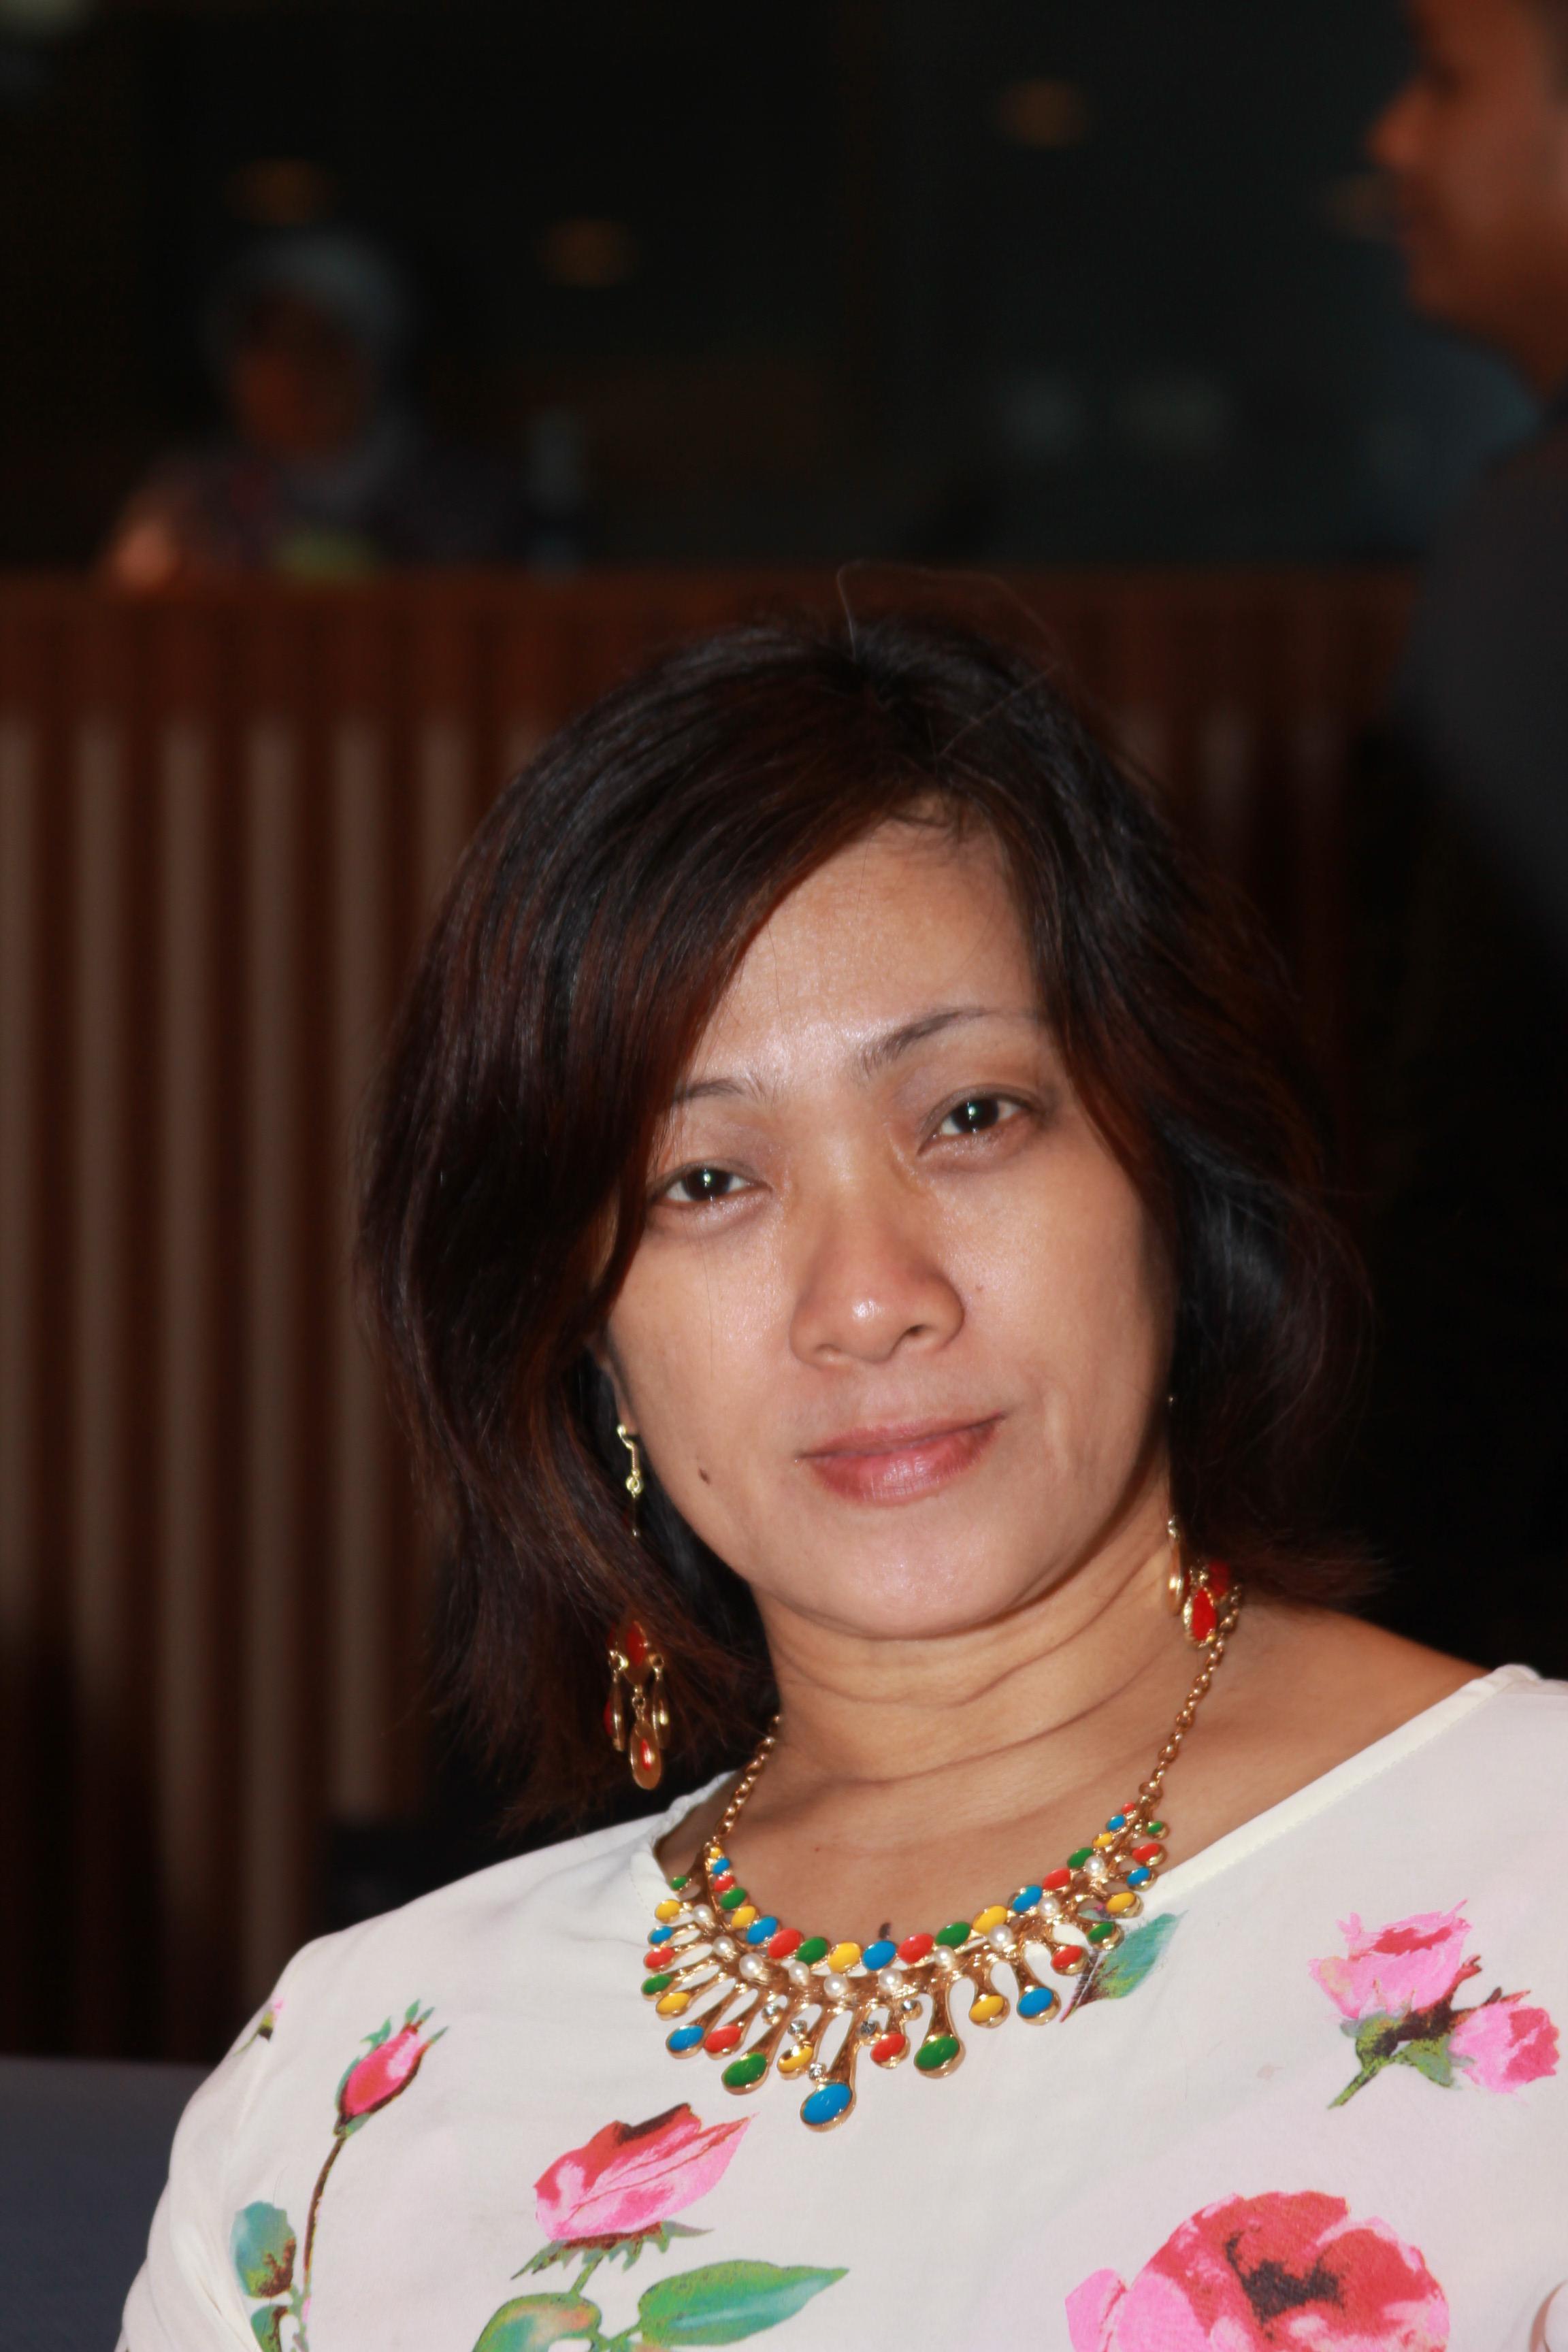 Ms. Carmen Reyes Zubiaga